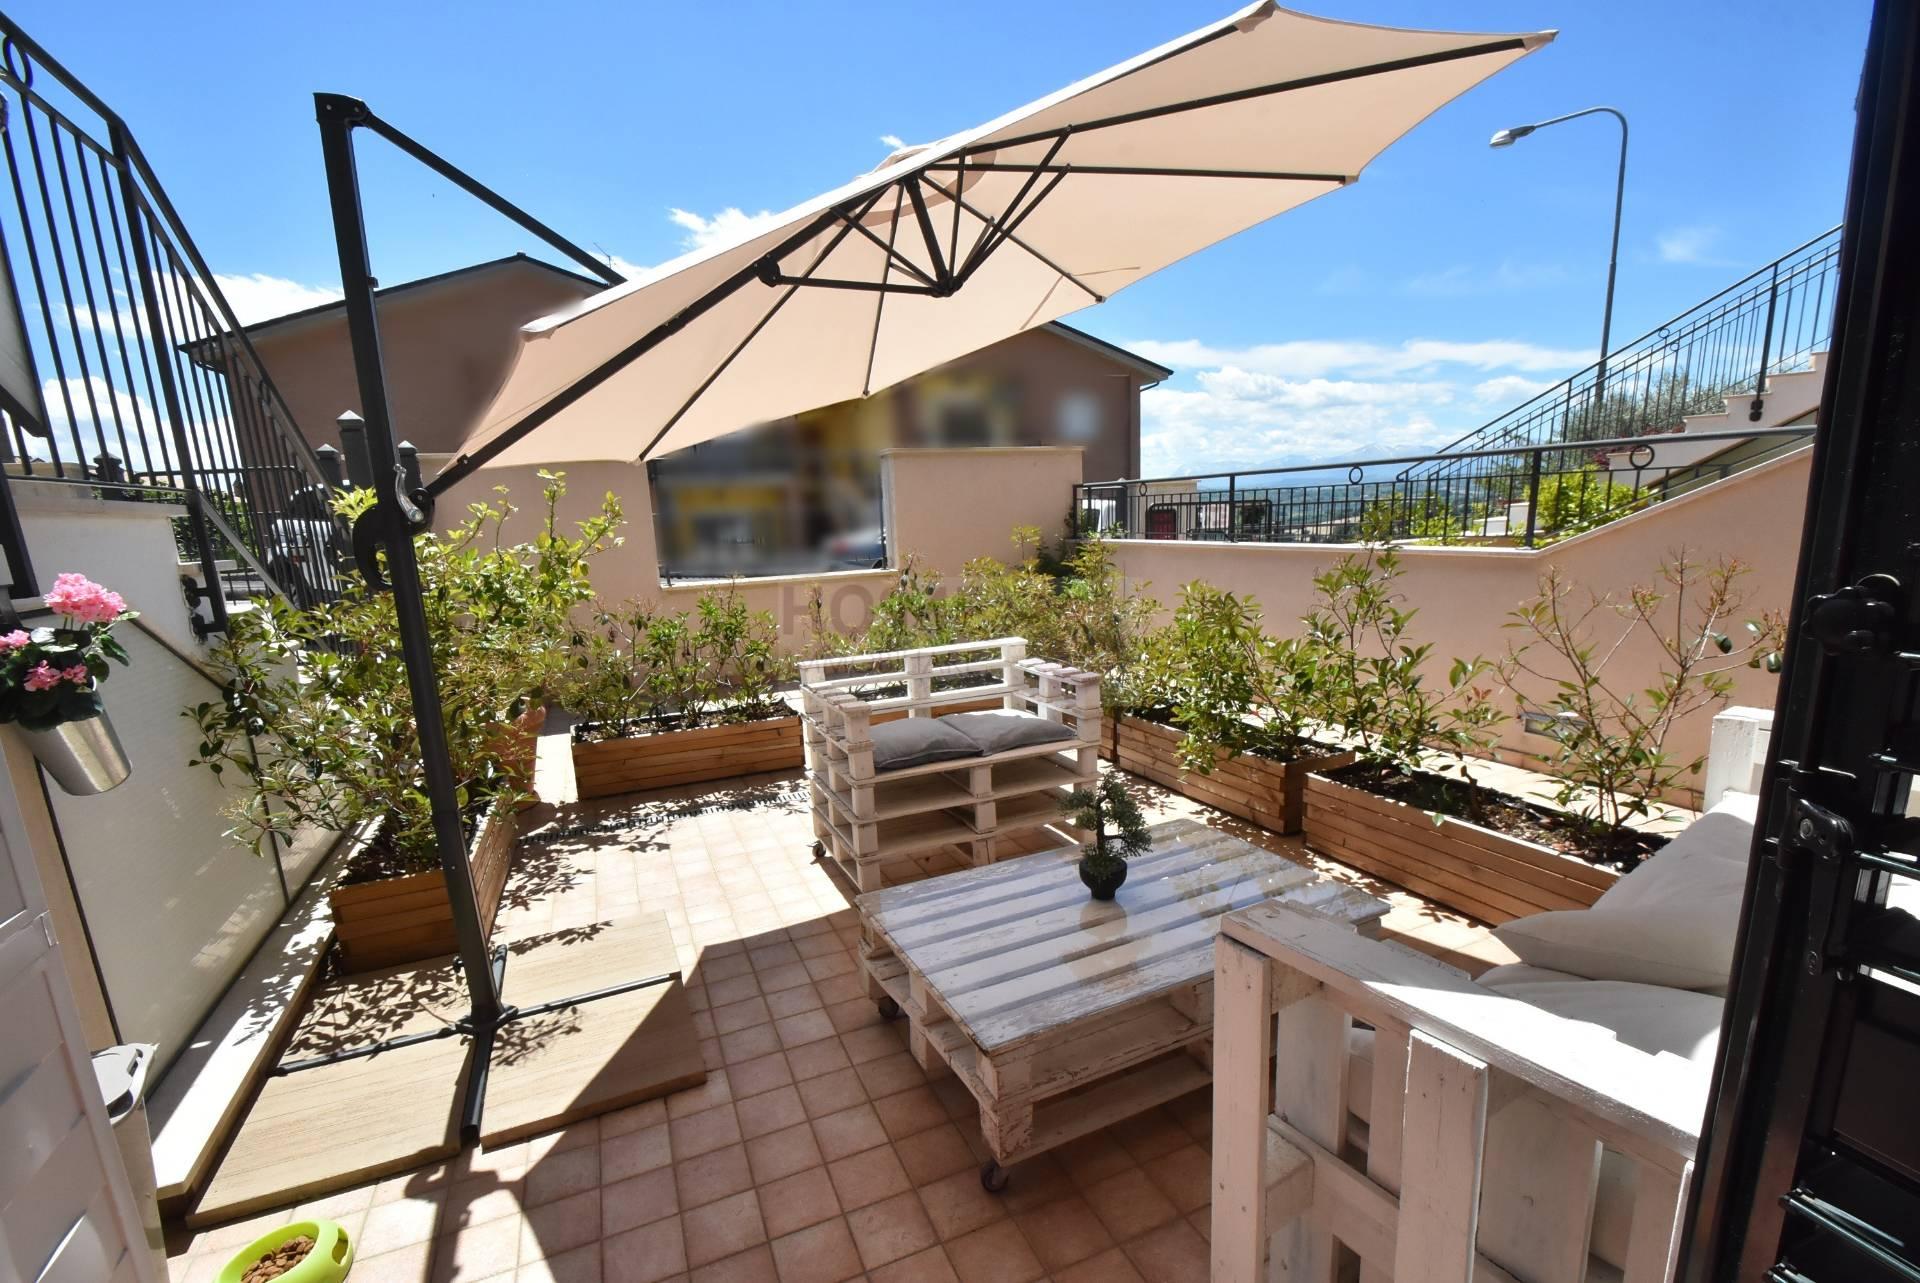 Appartamento in vendita a Corridonia, 6 locali, zona Località: zonasemi-centrale, prezzo € 180.000 | Cambio Casa.it